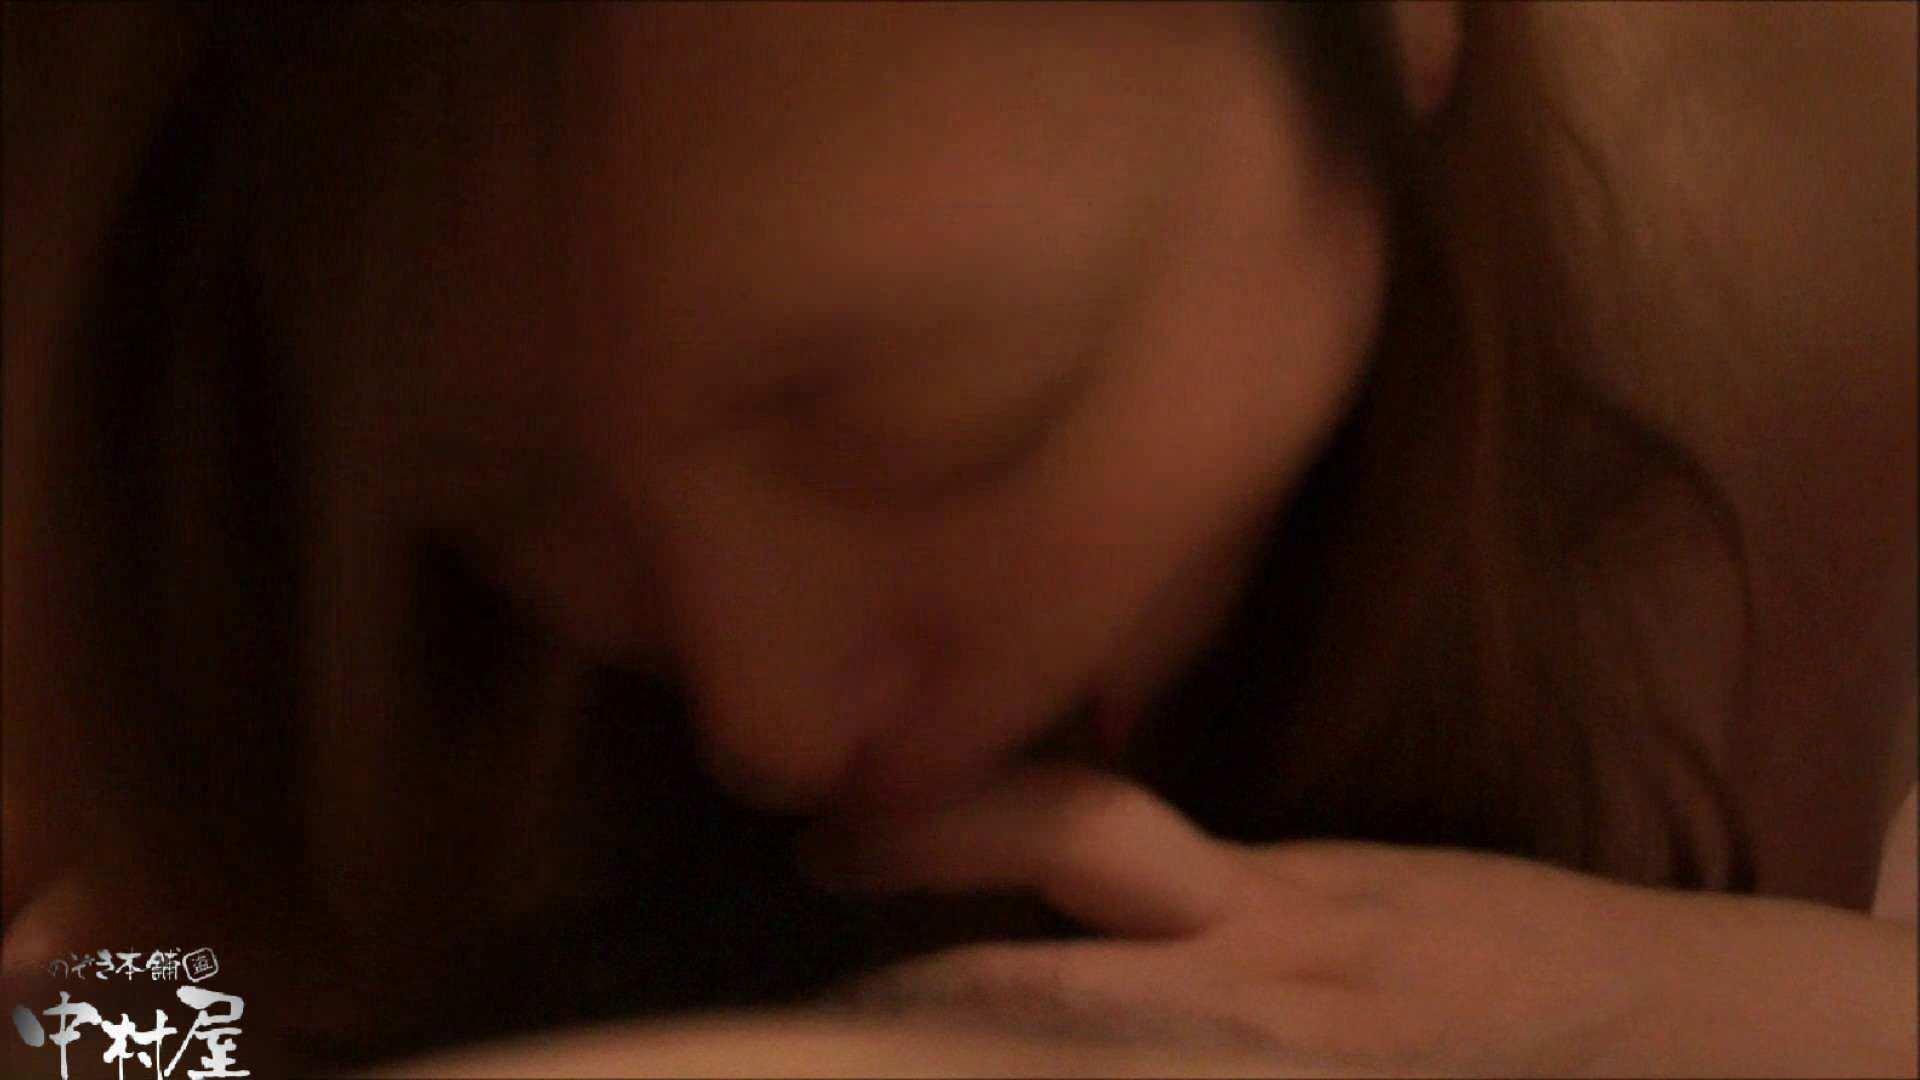 二人とも育てた甲斐がありました…vol.69【妊婦のユリナ】さよなら、これが最後の交わり。 OLセックス  91画像 24